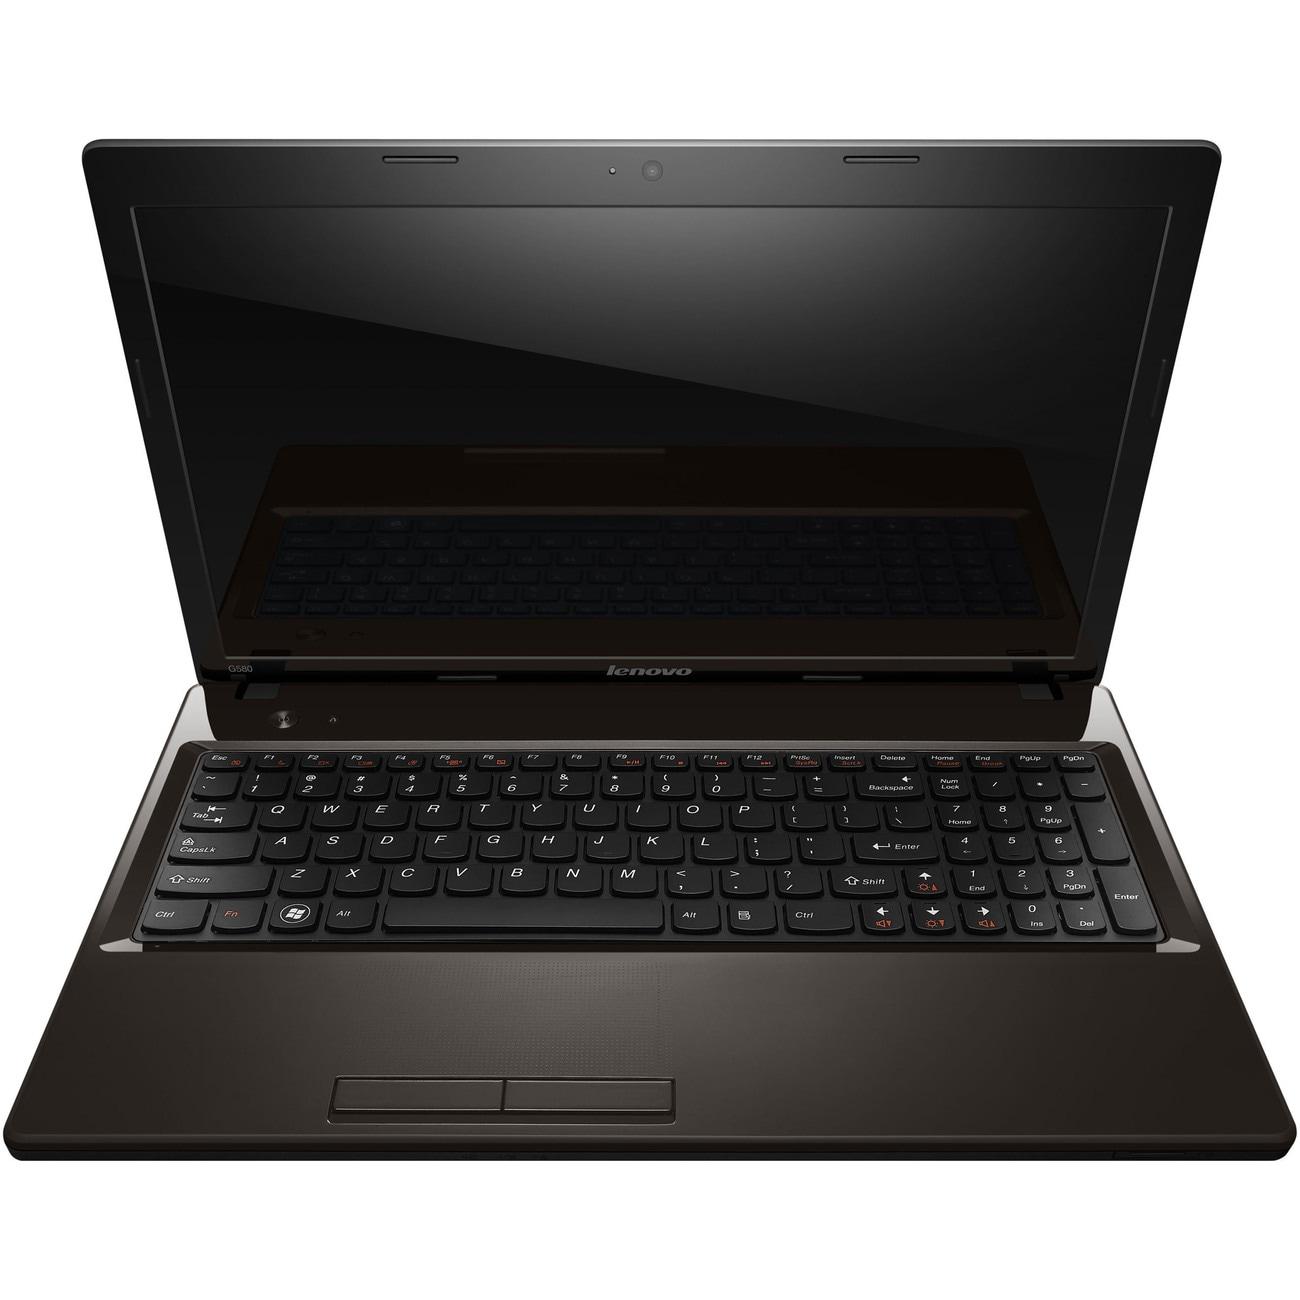 """Lenovo Essential G580 15.6"""" Notebook - Intel - Core i5 i5-3210M 2.5GH"""